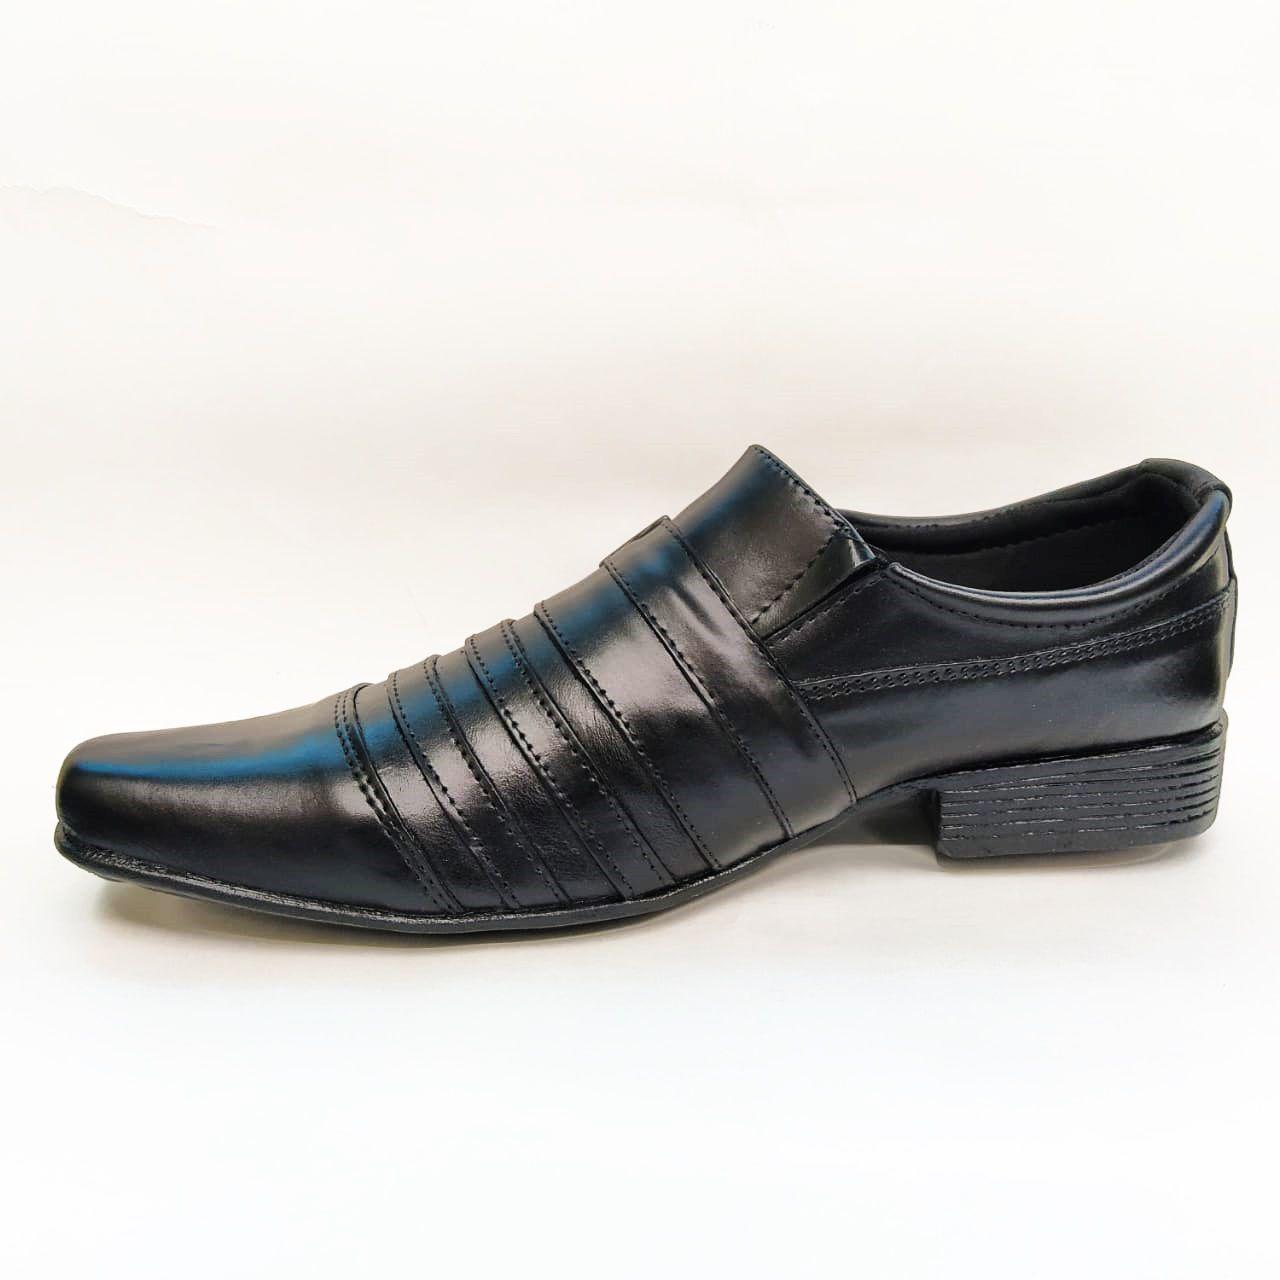 Sapato social em couro Frangarcia 574 - Preto